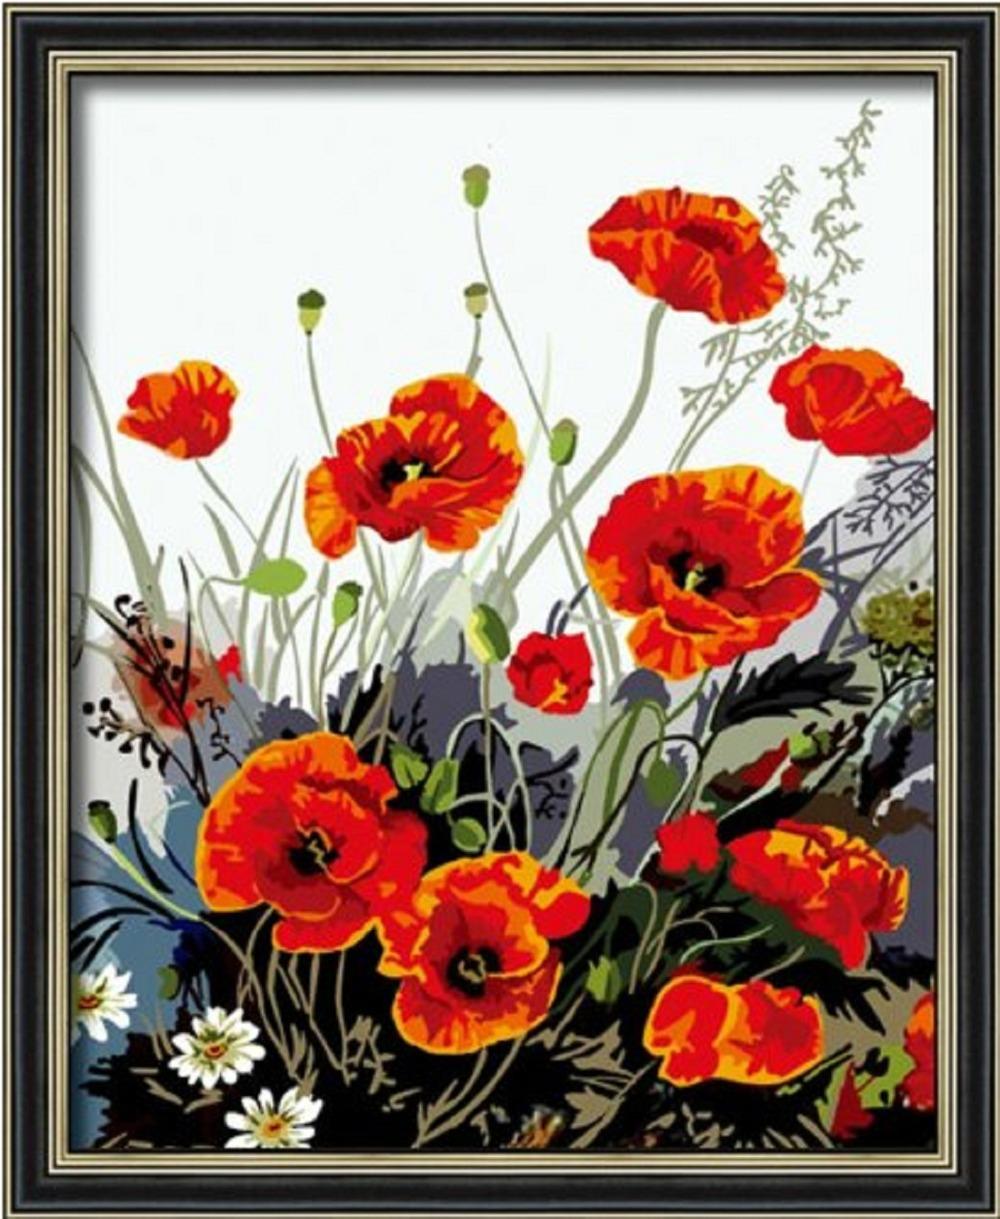 rouge fleur de pavot bricolage toile de peinture l 39 huile photo imprim e sur toile d coration. Black Bedroom Furniture Sets. Home Design Ideas